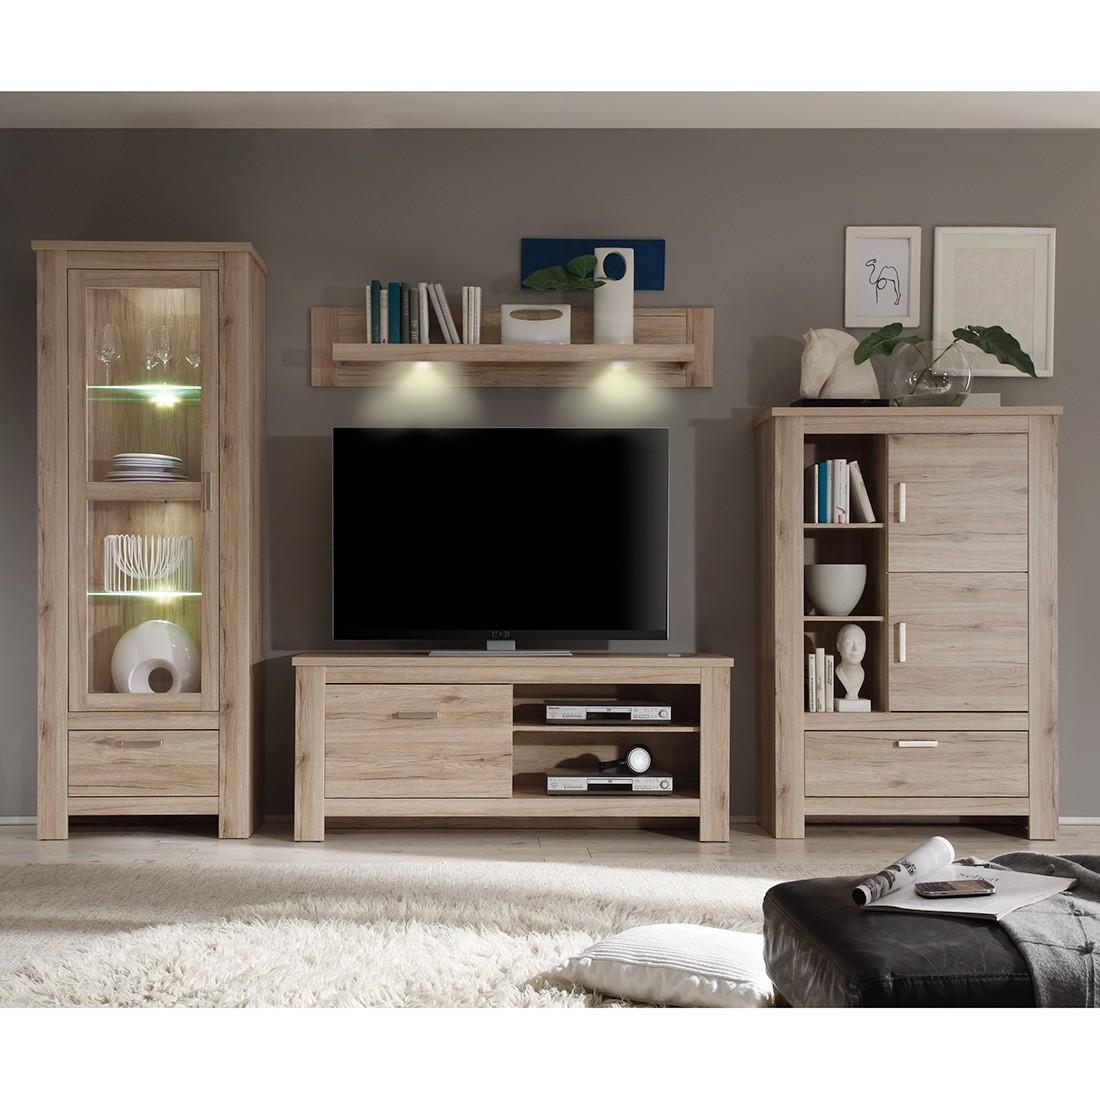 meuble tv home cinema integre watts pas cher – Artzeincom -> Meuble Tv Home Cinema Intégré